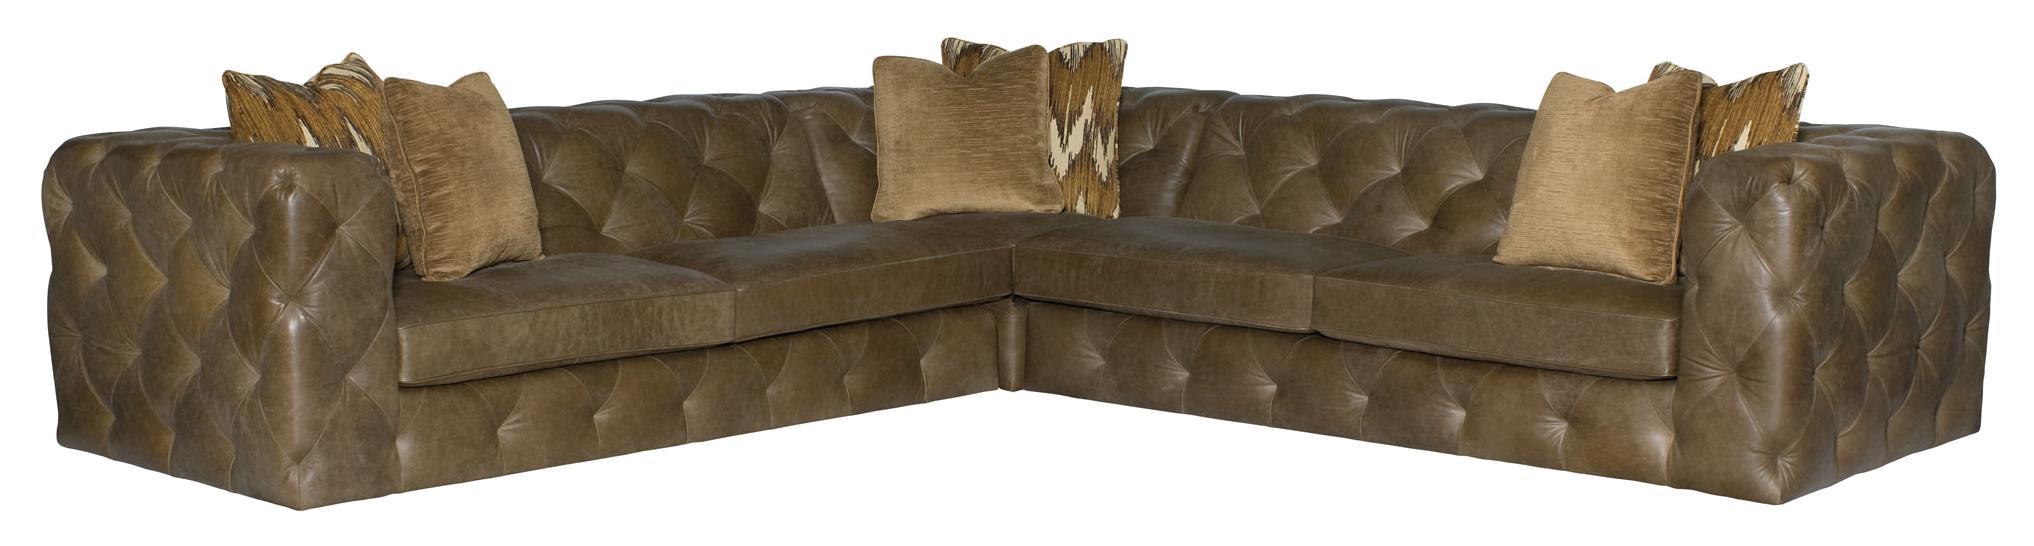 Bernhardt Chelsea Four Seat Sectional Sofa - Item Number: 5442L+5432L+5441L